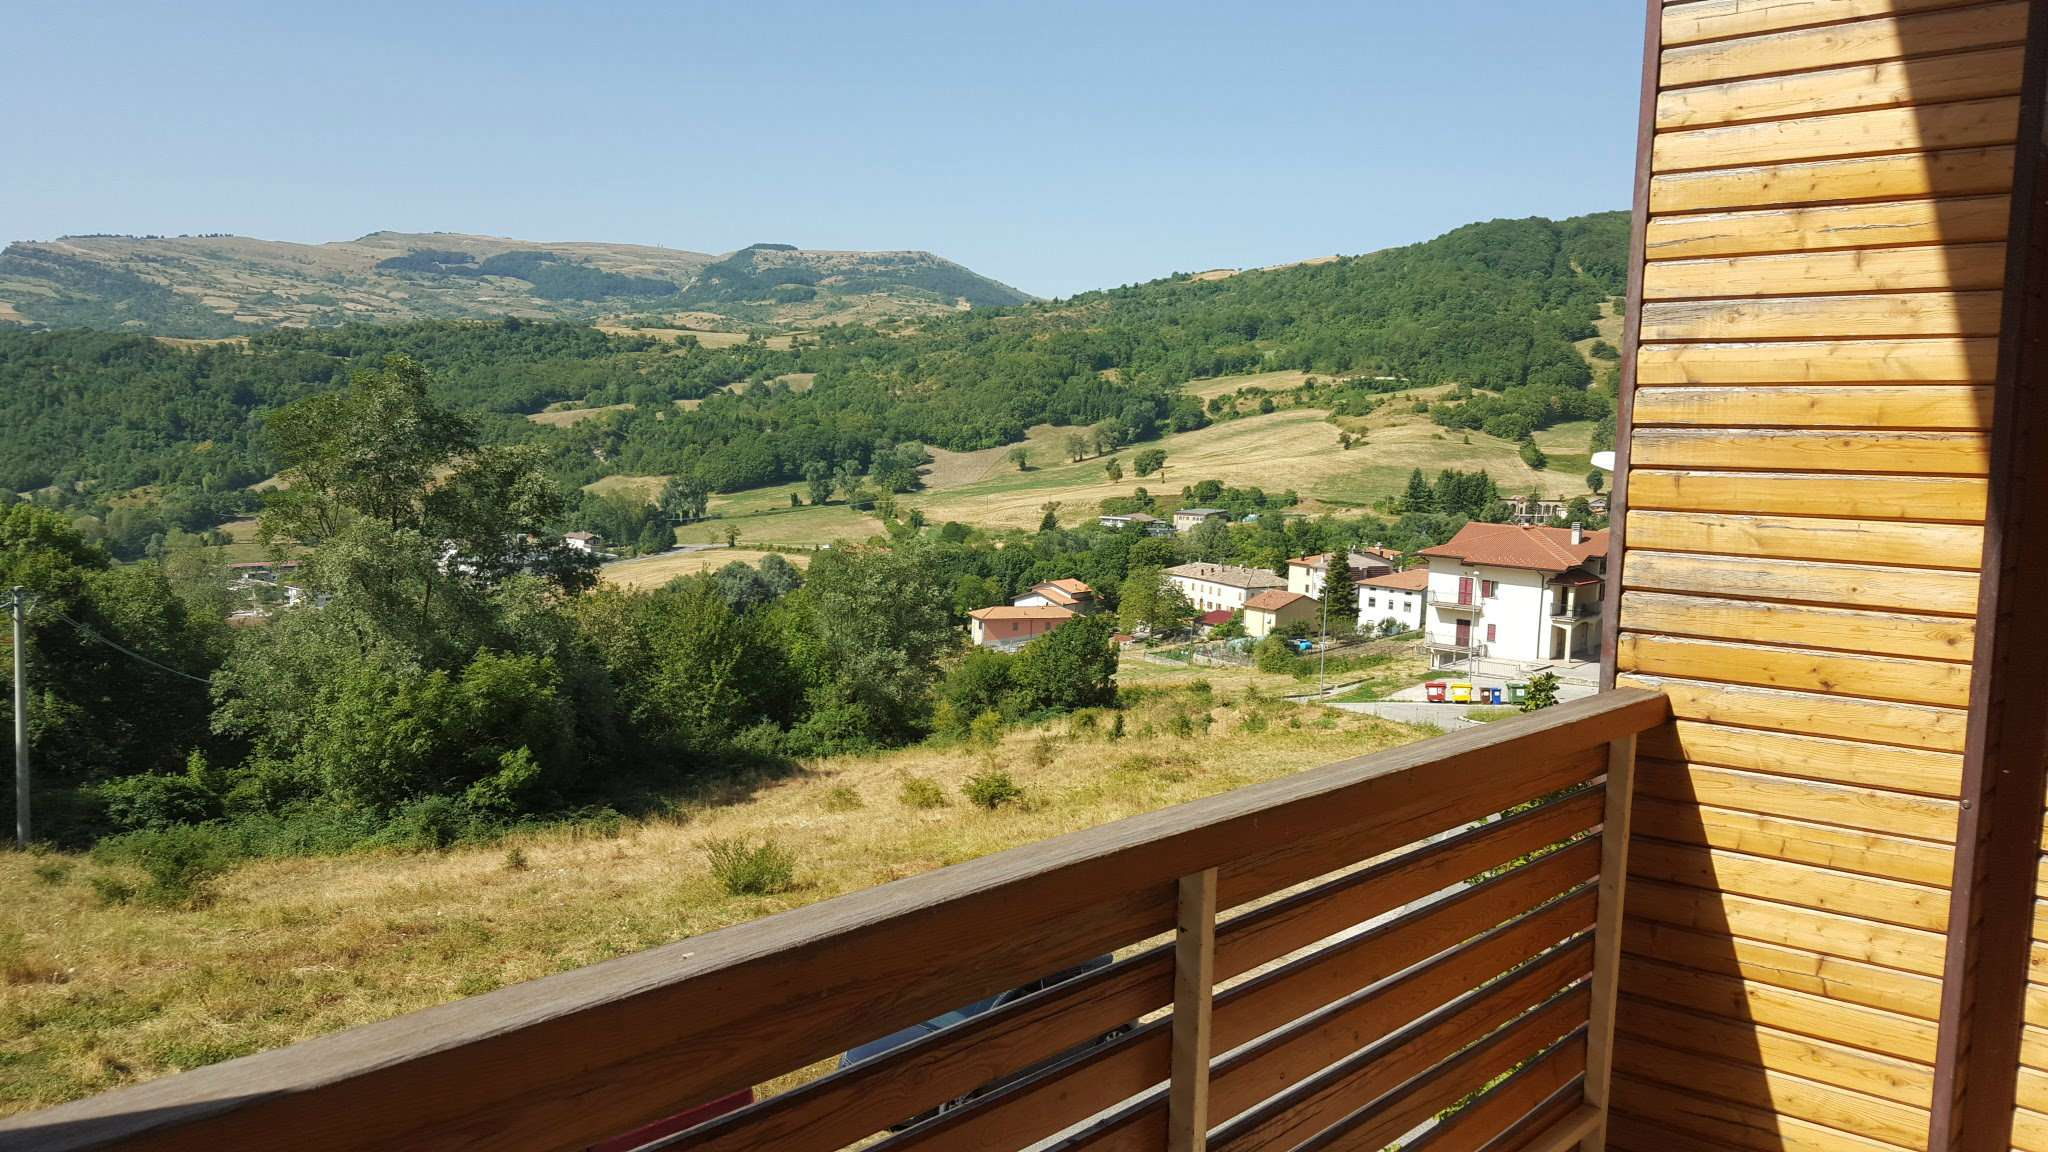 Villa Tri-Quadrifamiliare in vendita a Montecopiolo, 9999 locali, prezzo € 98.000 | CambioCasa.it